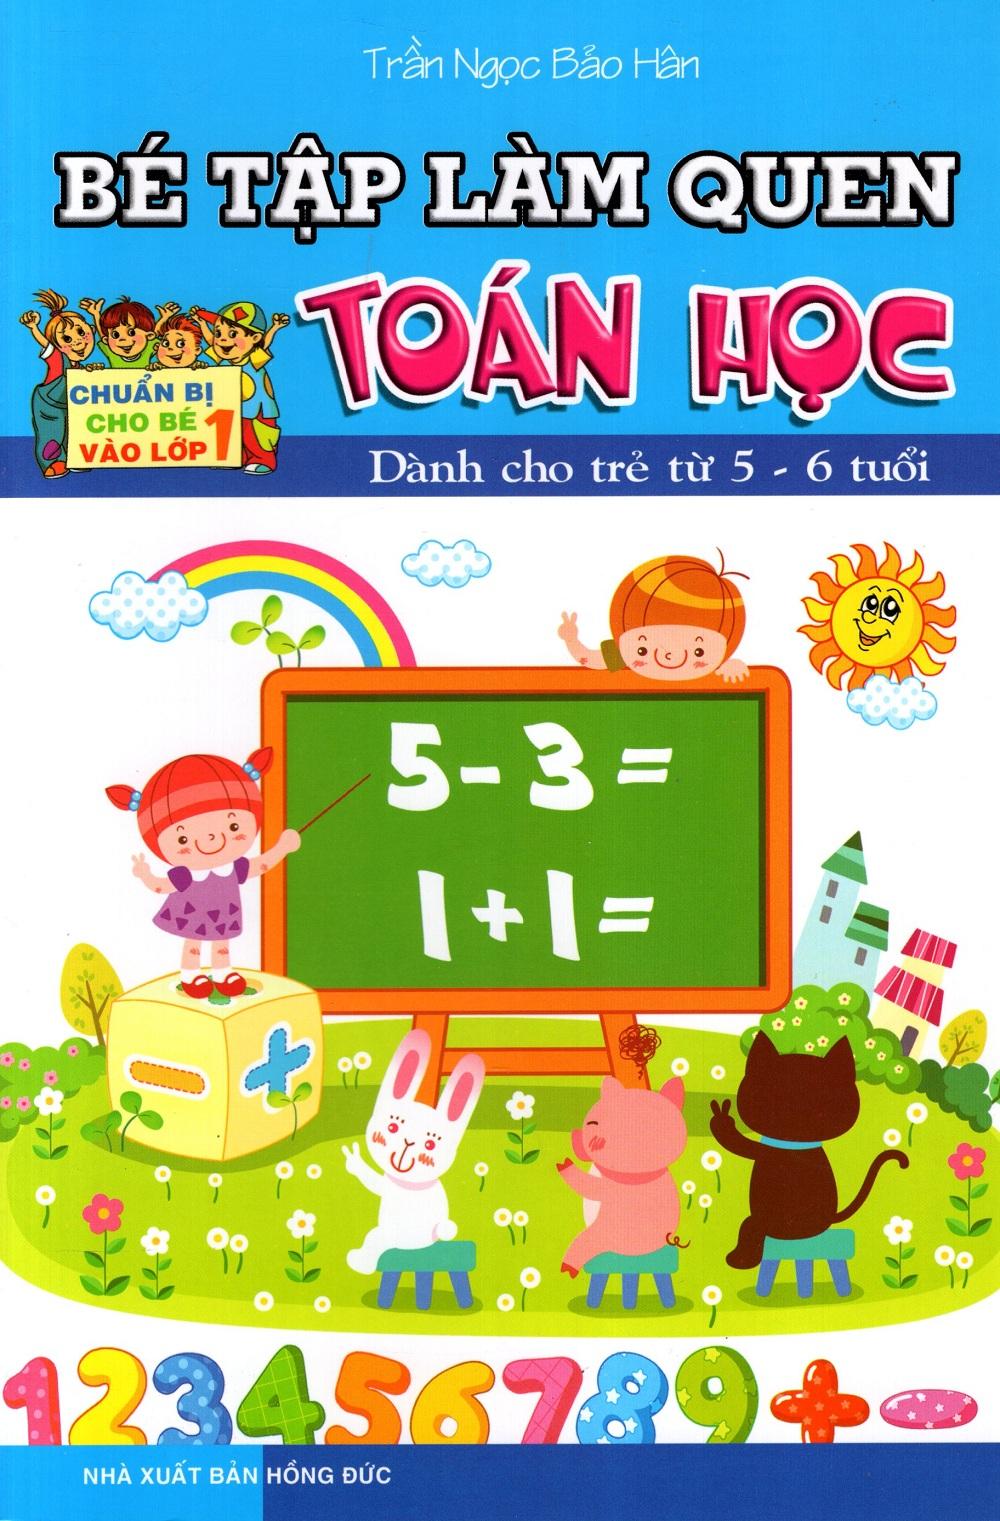 Bìa sách Bé Tập Làm Quen Toán Học (Dành Cho Trẻ Từ 5 - 6 Tuổi)